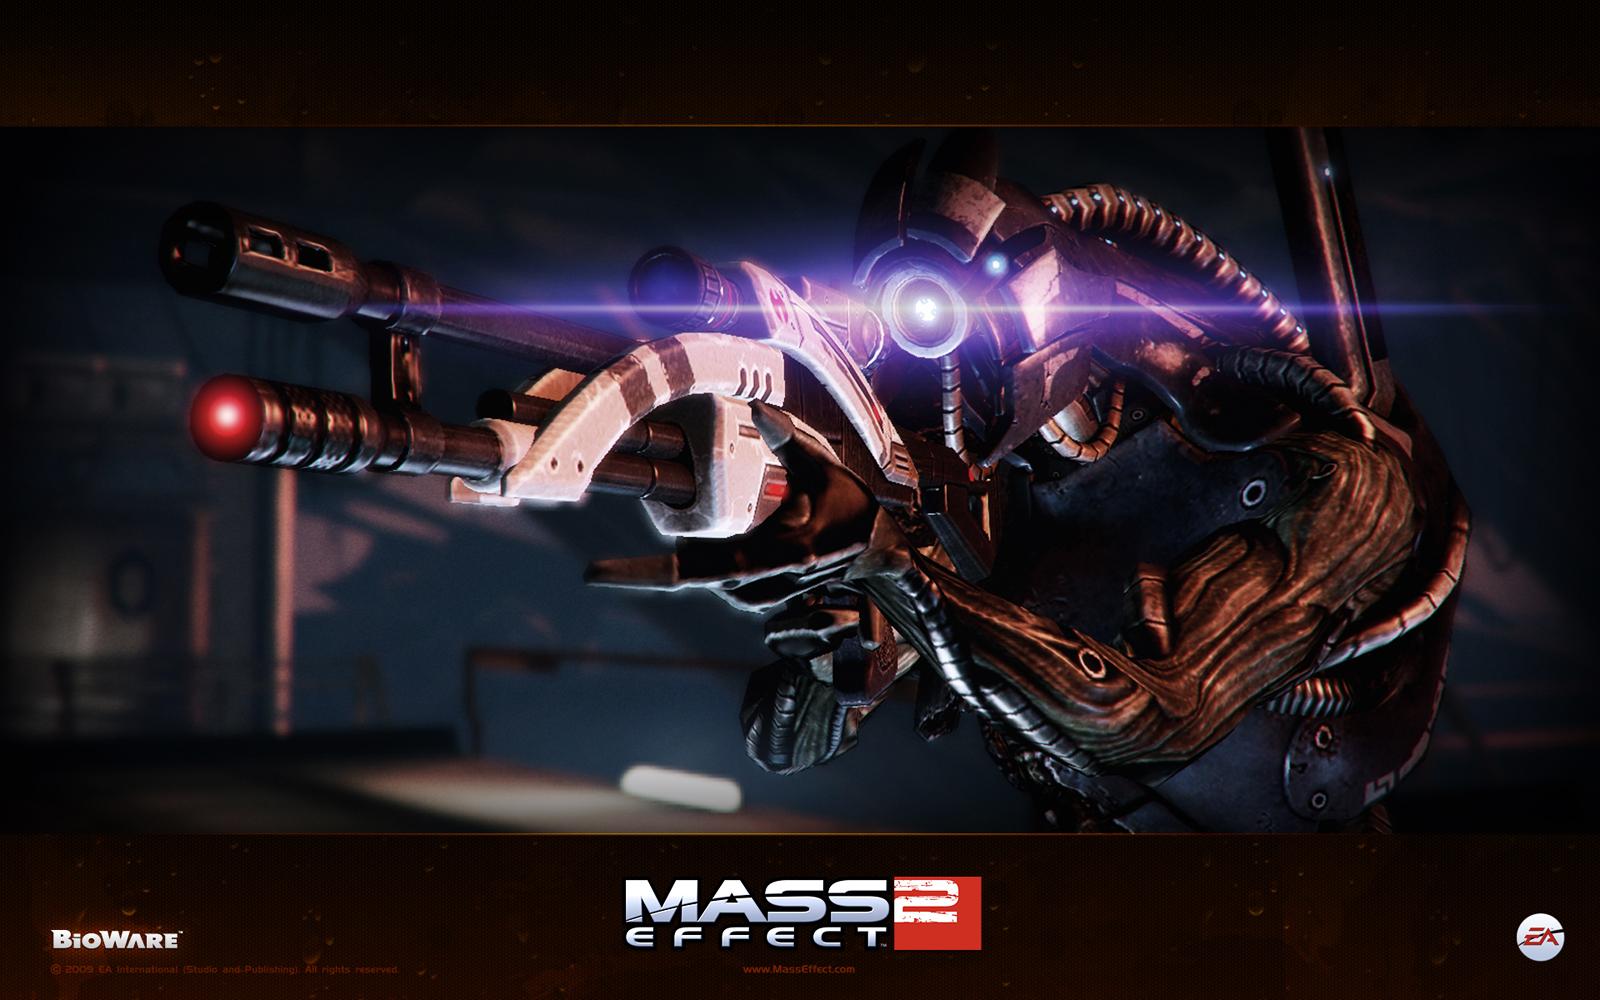 http://3.bp.blogspot.com/-_TDxXhFpUH8/UKZ3JtrXsTI/AAAAAAAAGH4/gY41Lm73QQE/s1600/Mass-Effect-2-HD-Sniper-Wallpaper_Vvallpaper.Net.jpg